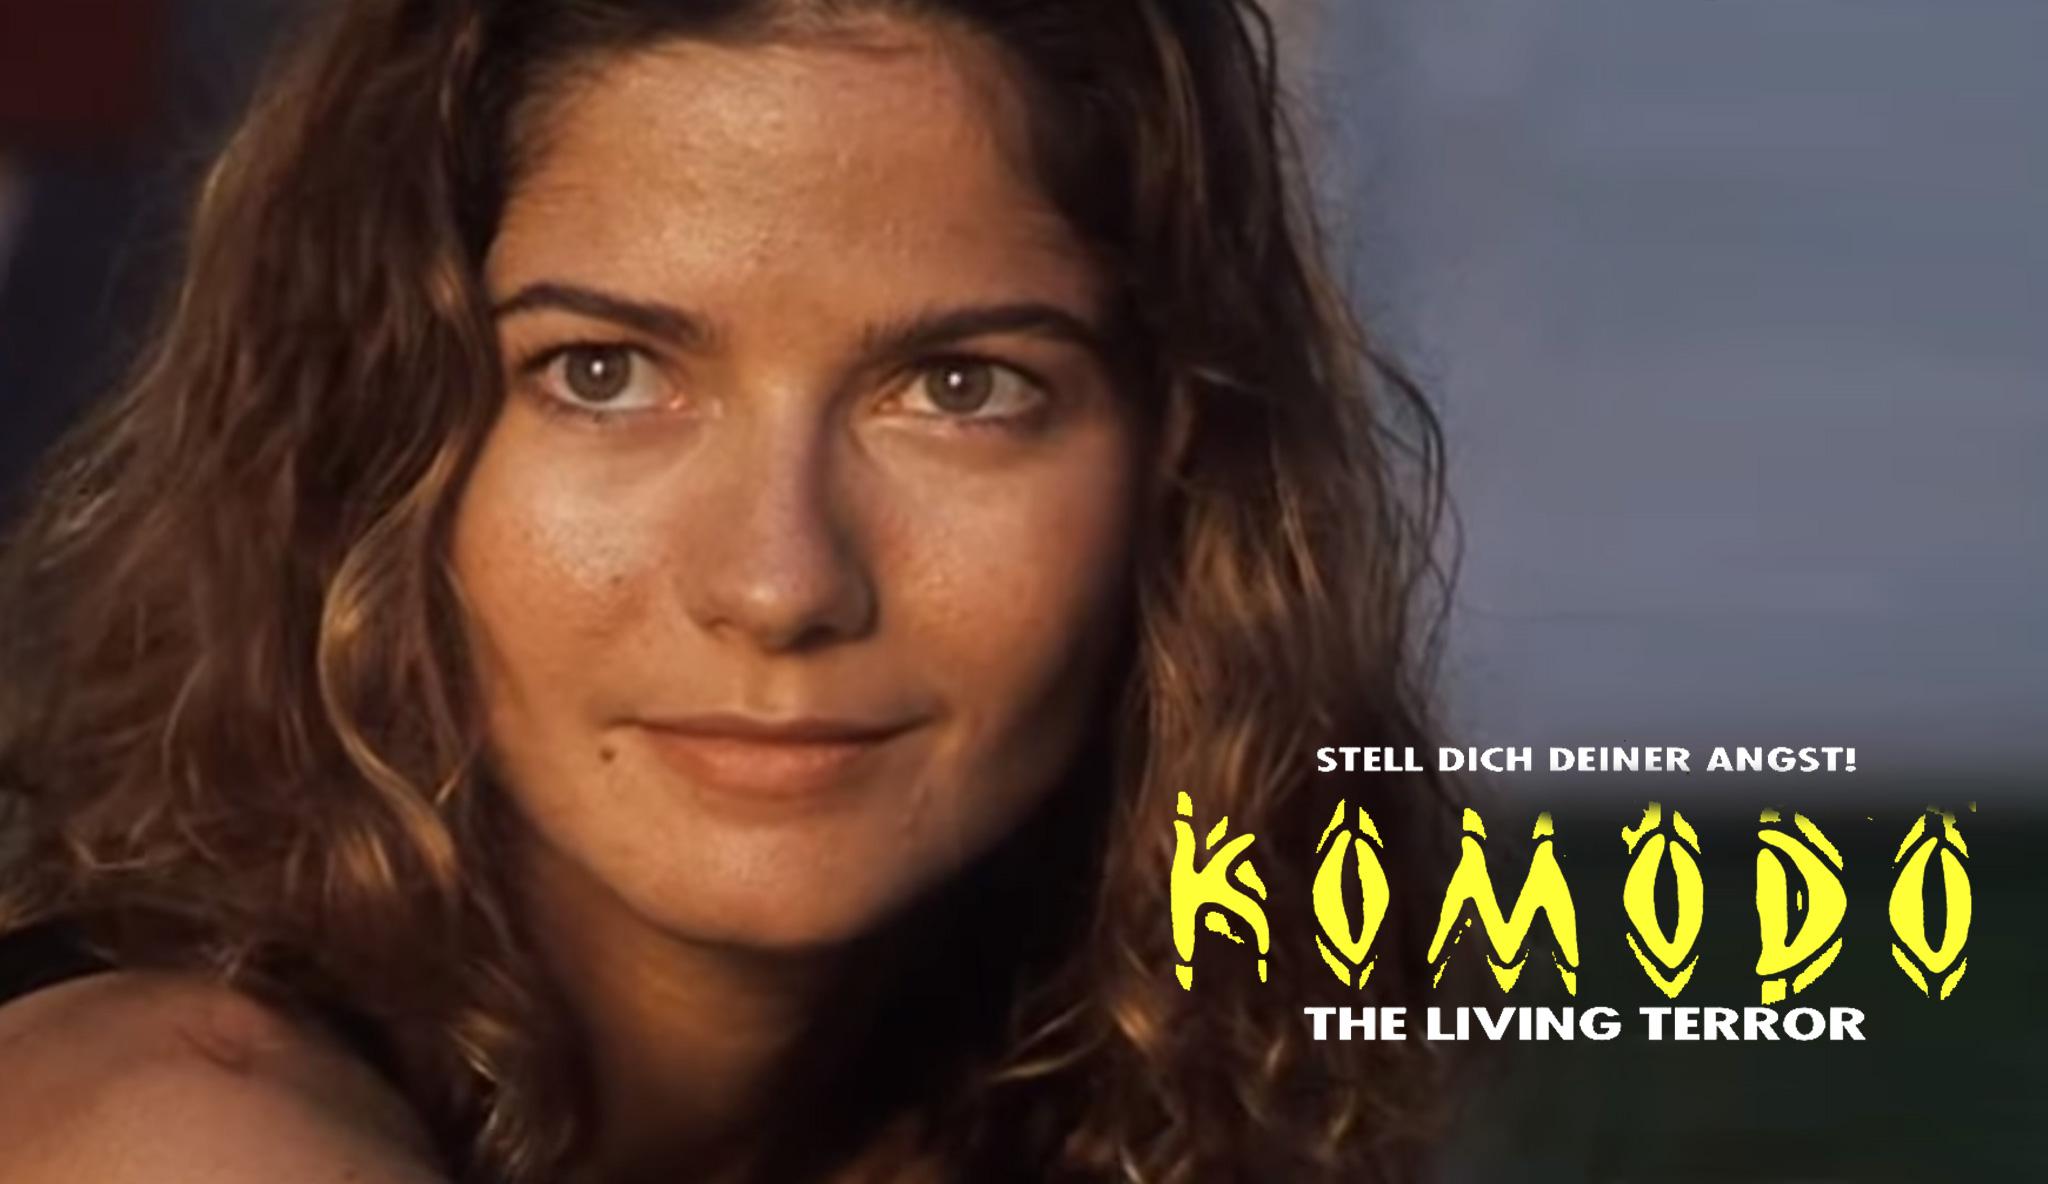 komodo-the-living-terror\header.jpg